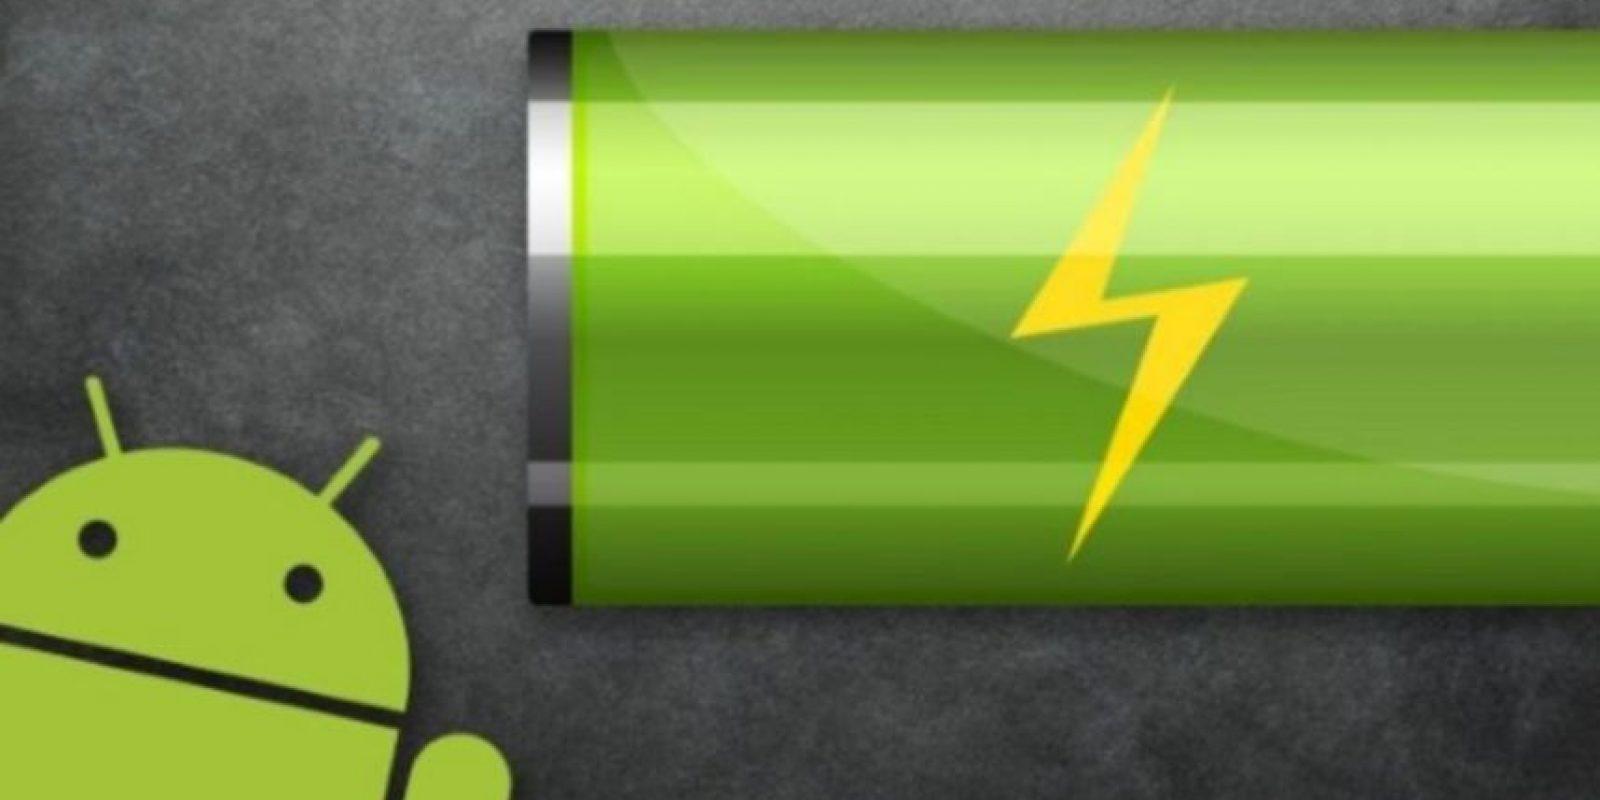 Los cargadores genéricos no tienen el rendimiento adecuado para sus dispositivos e inclusive los pueden afectar. Foto:Vía Pinterest.com